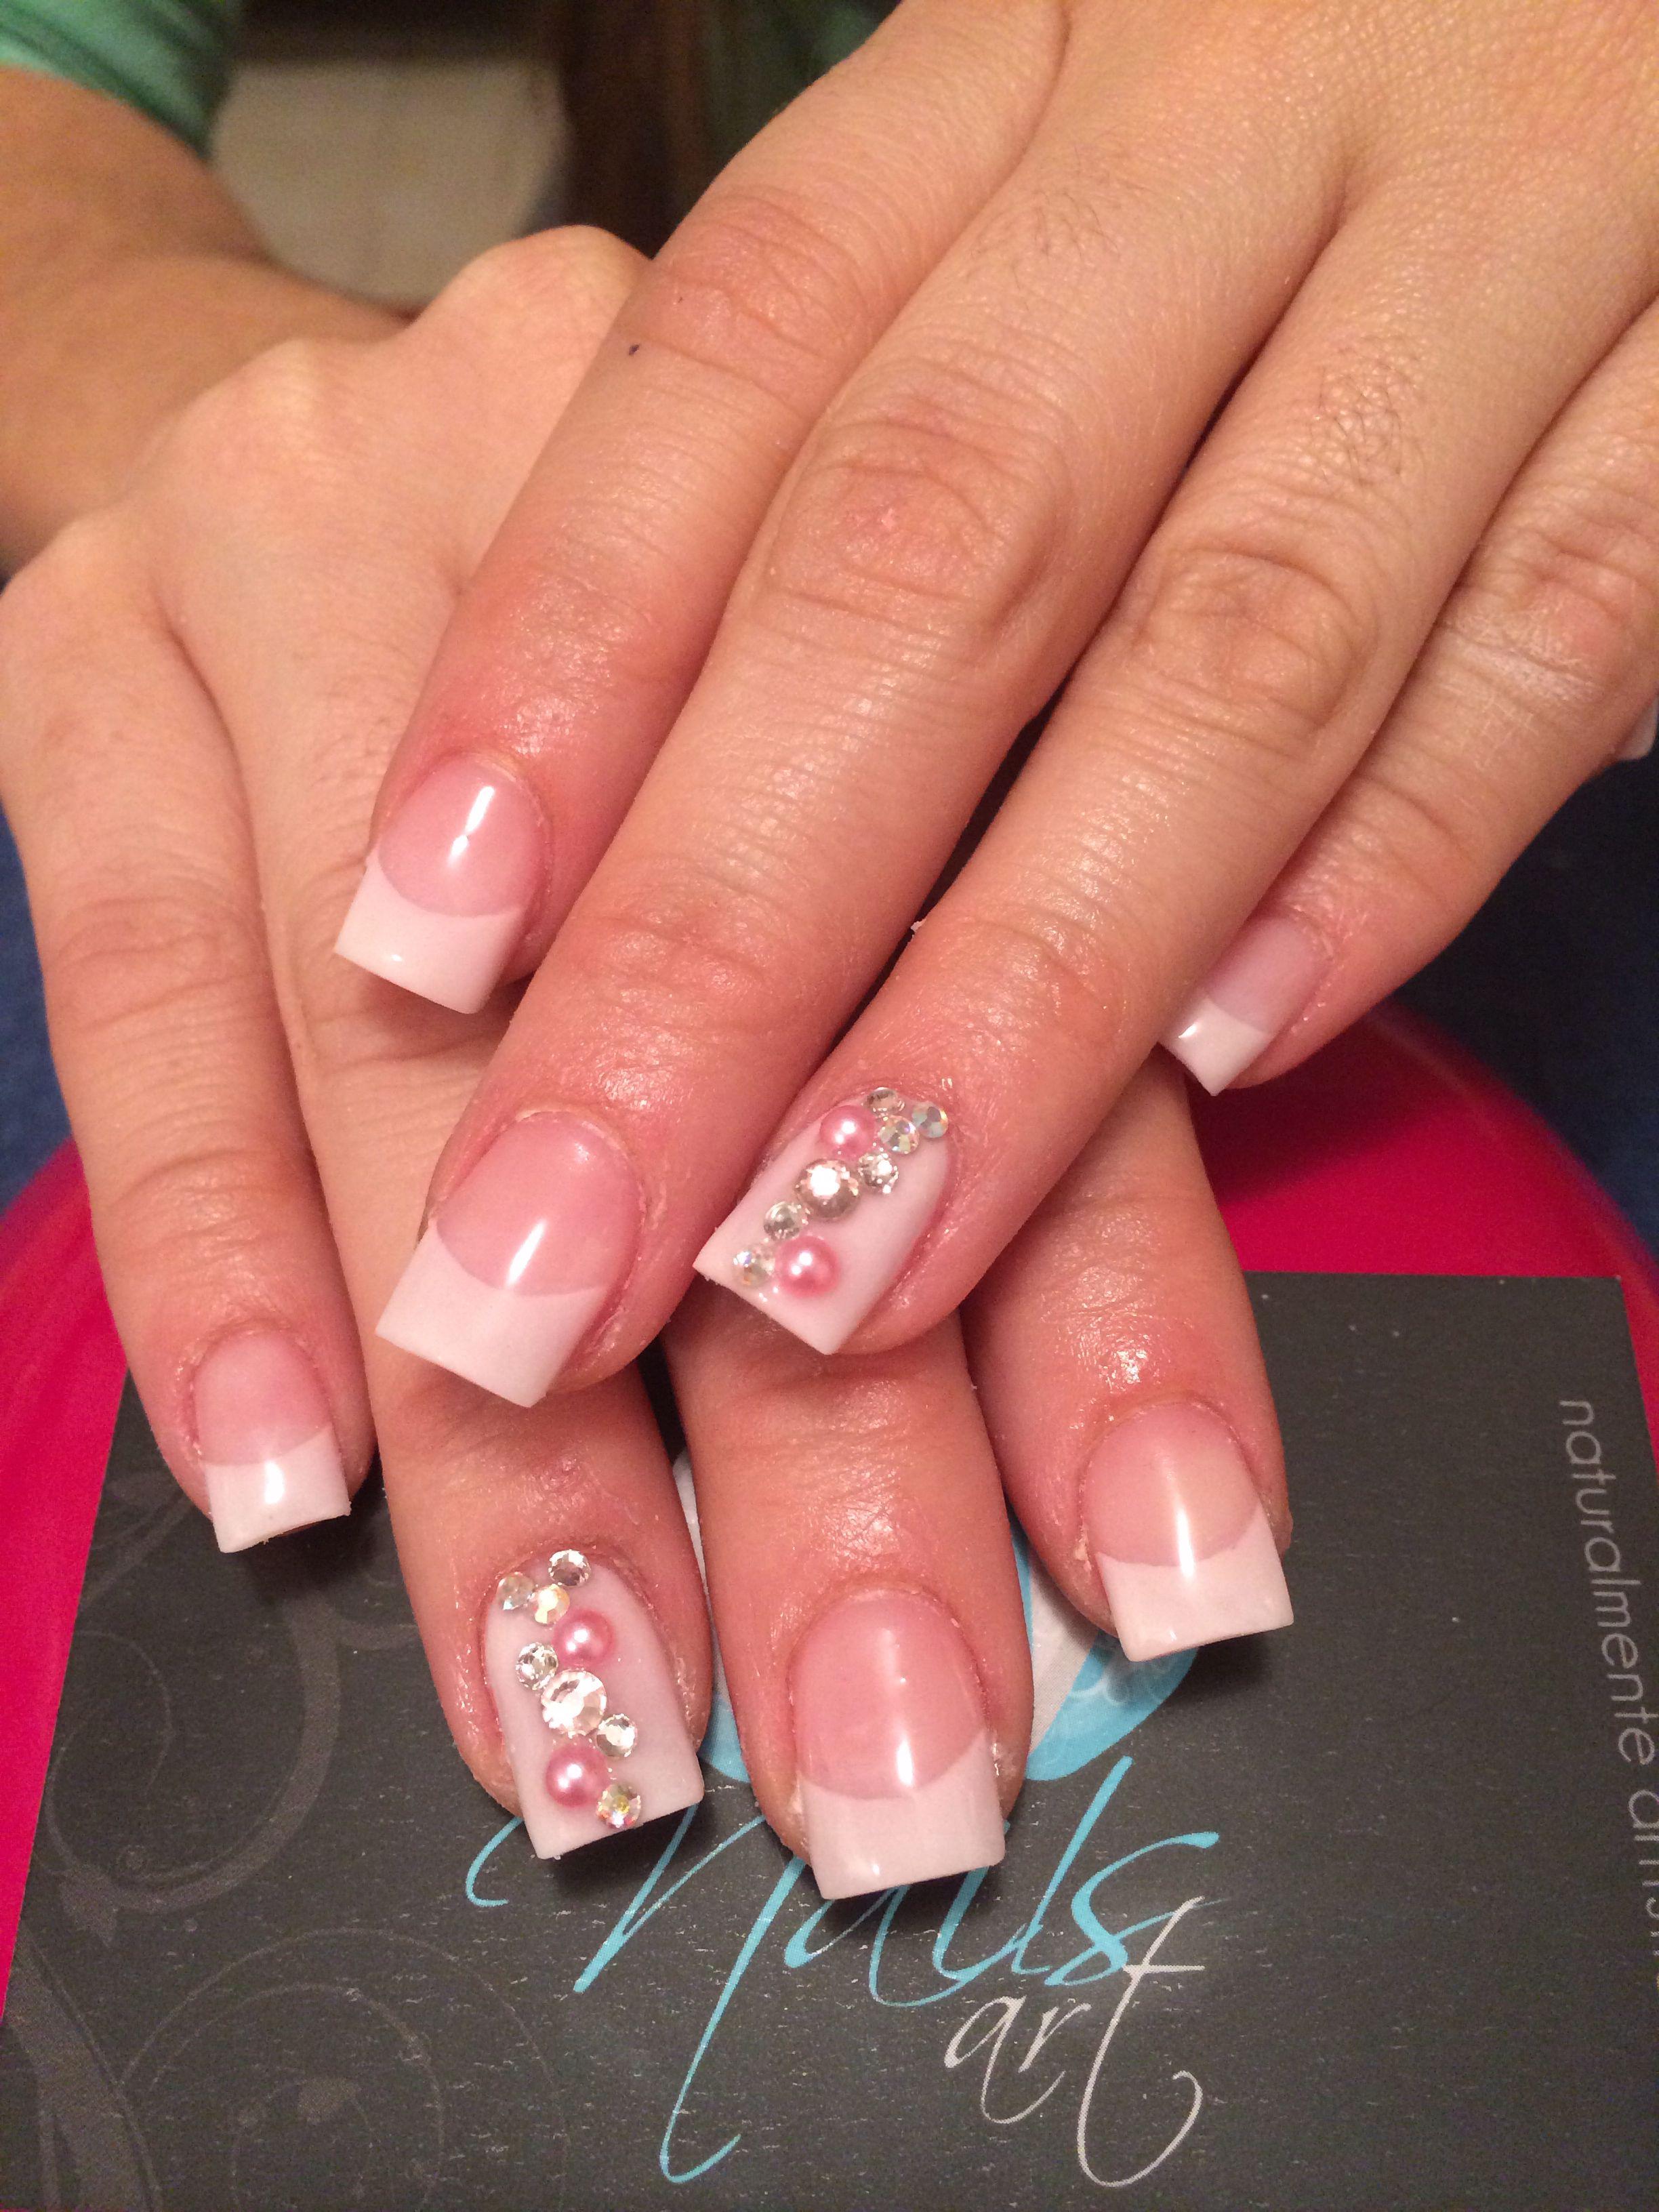 Nails art, acrylic nails, nails | Nails art | Pinterest | Nail nail ...